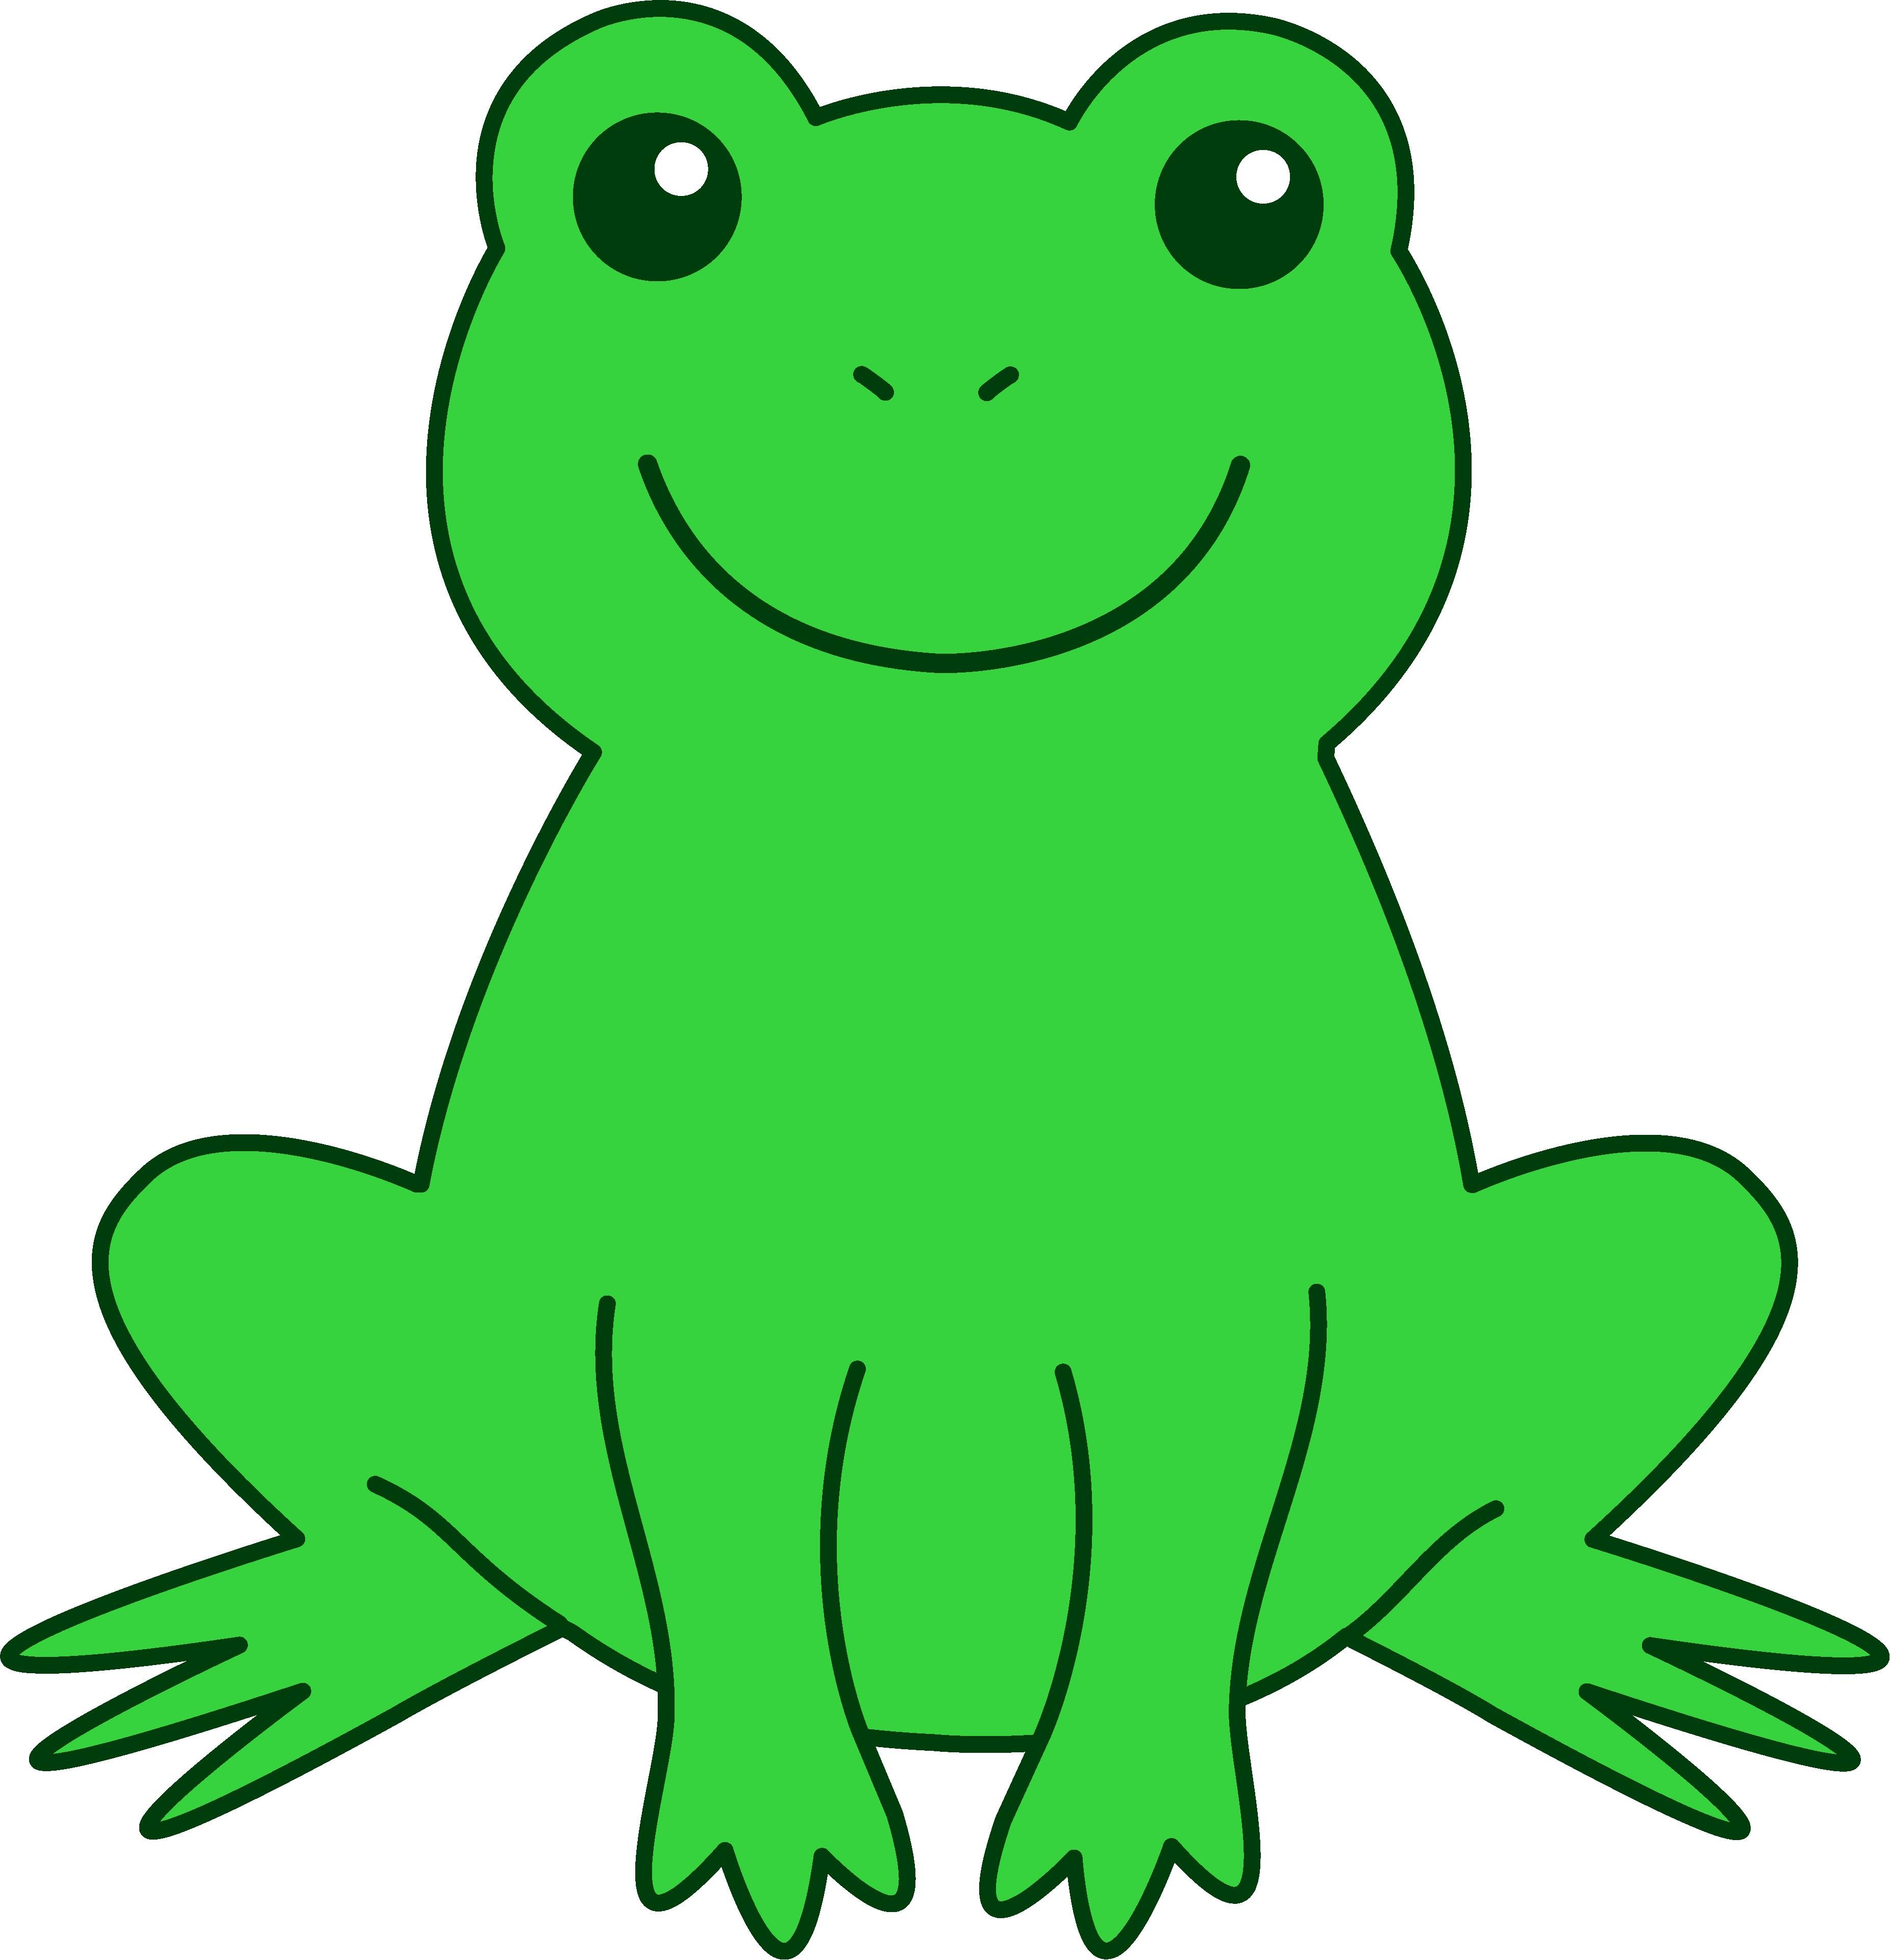 Frog clip art green clipart 0 png.